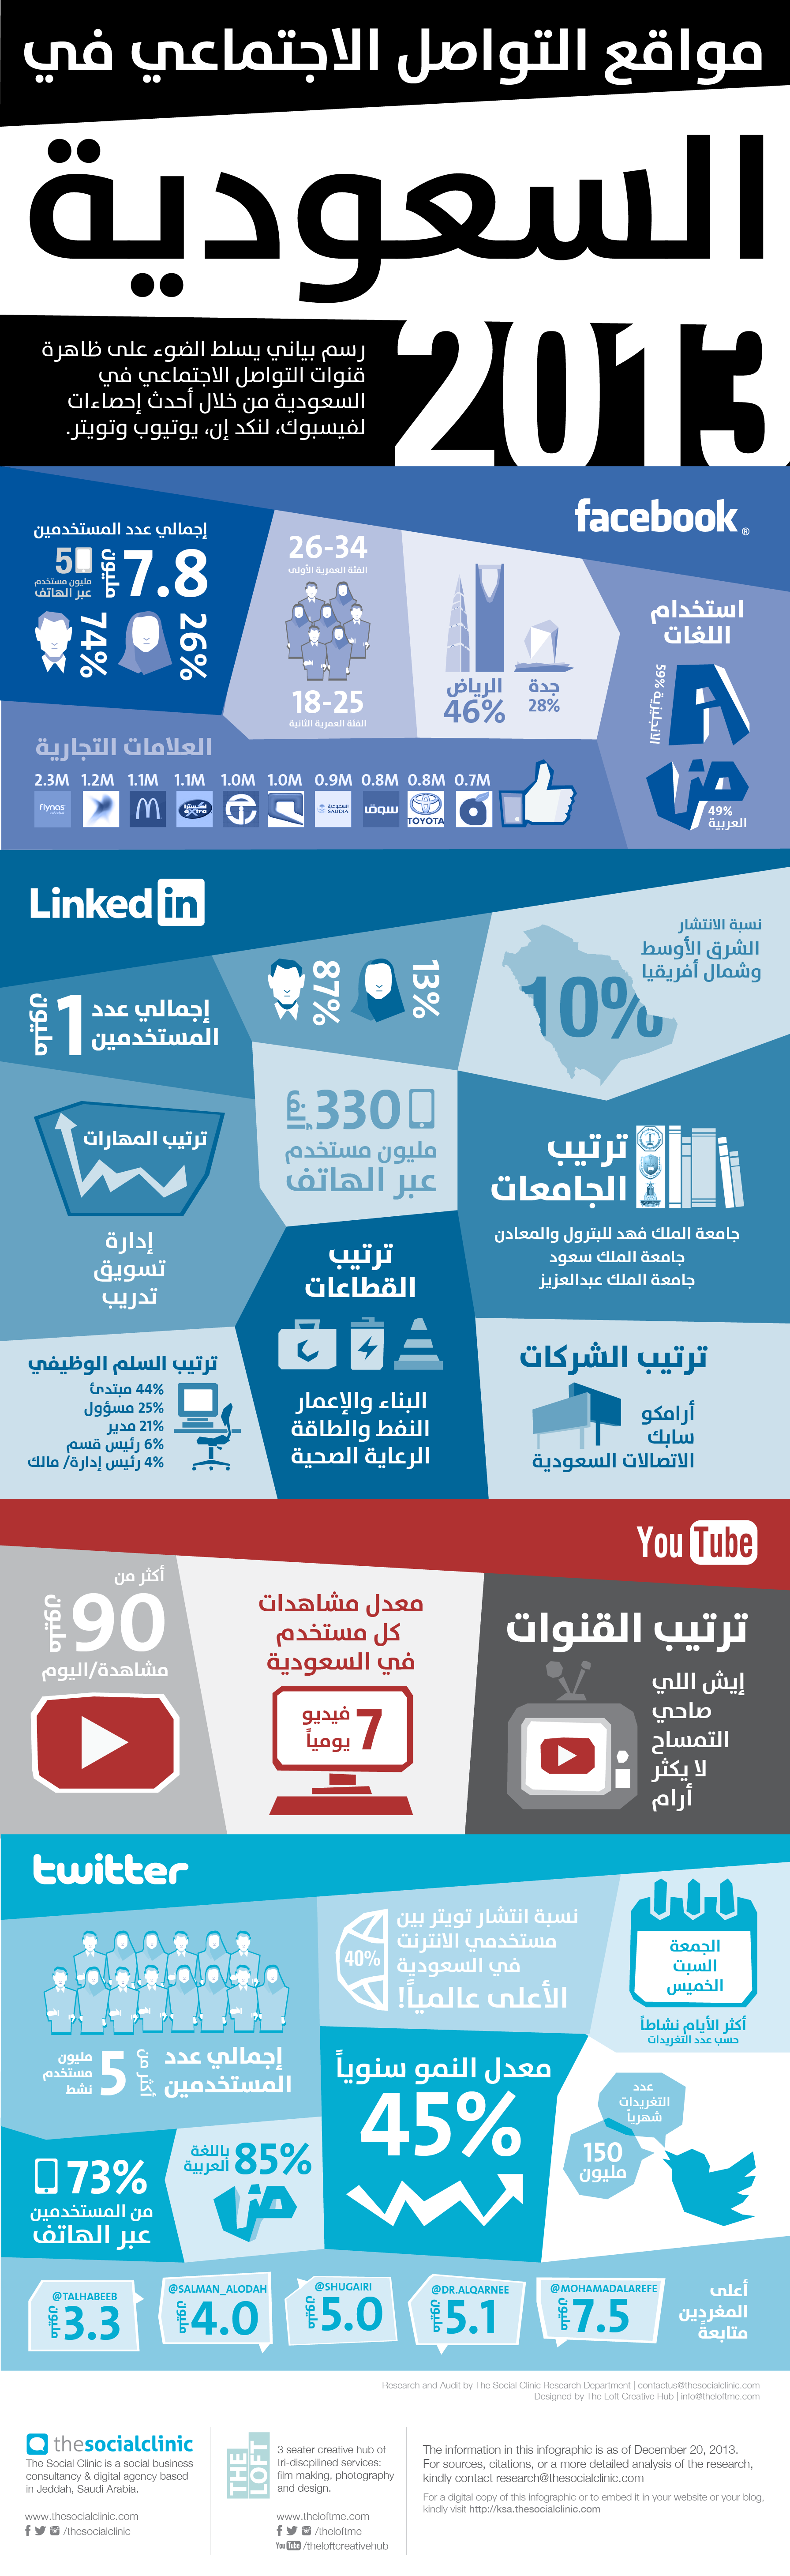 انفوجرافيك جديد استخدام الشبكات الإجتماعية